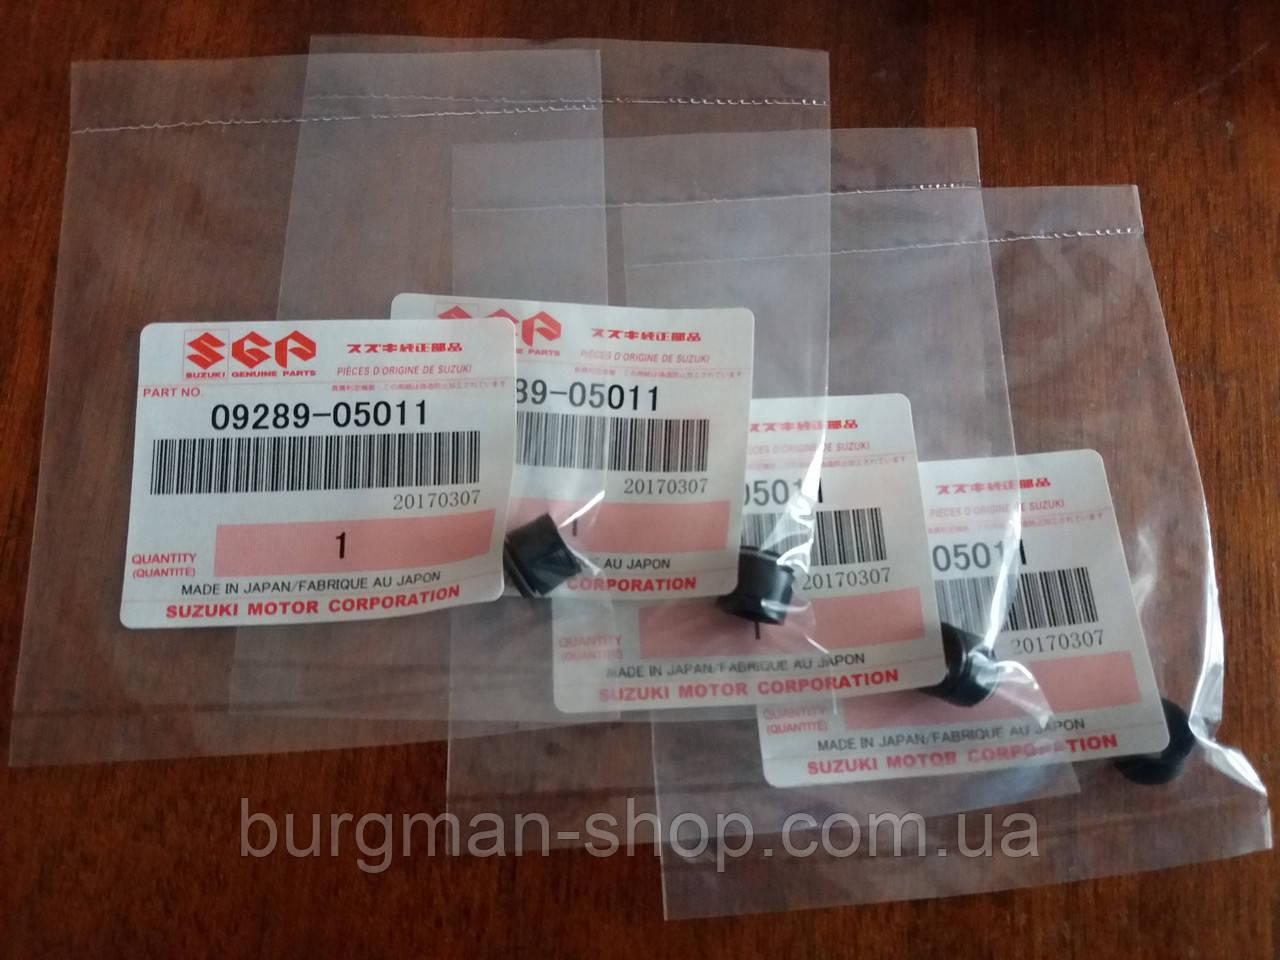 Сальник клапана Suzuki Burgman SkyWave 09289-05011